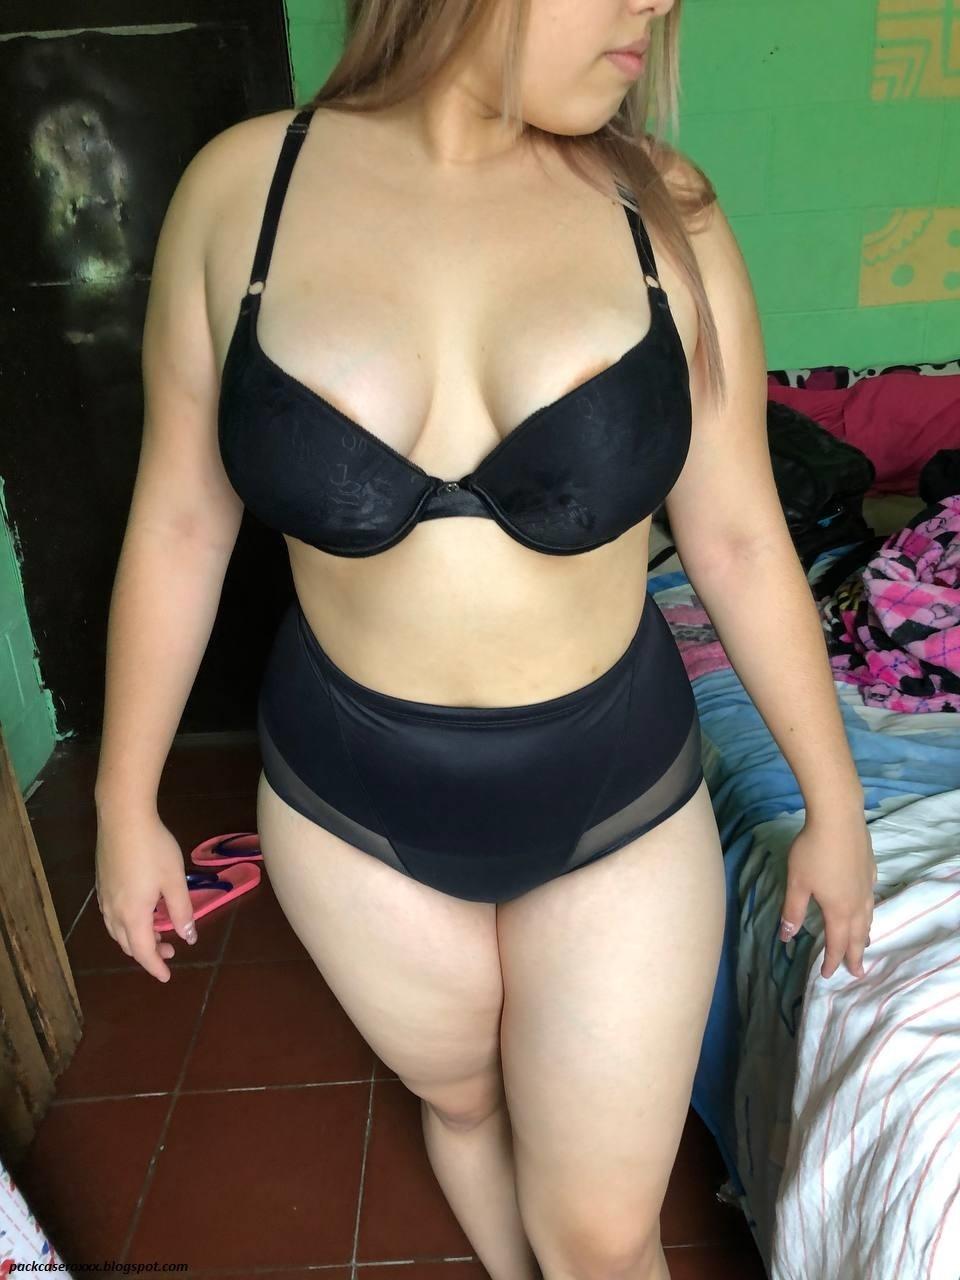 Fotos de mi Amiga desnuda 17